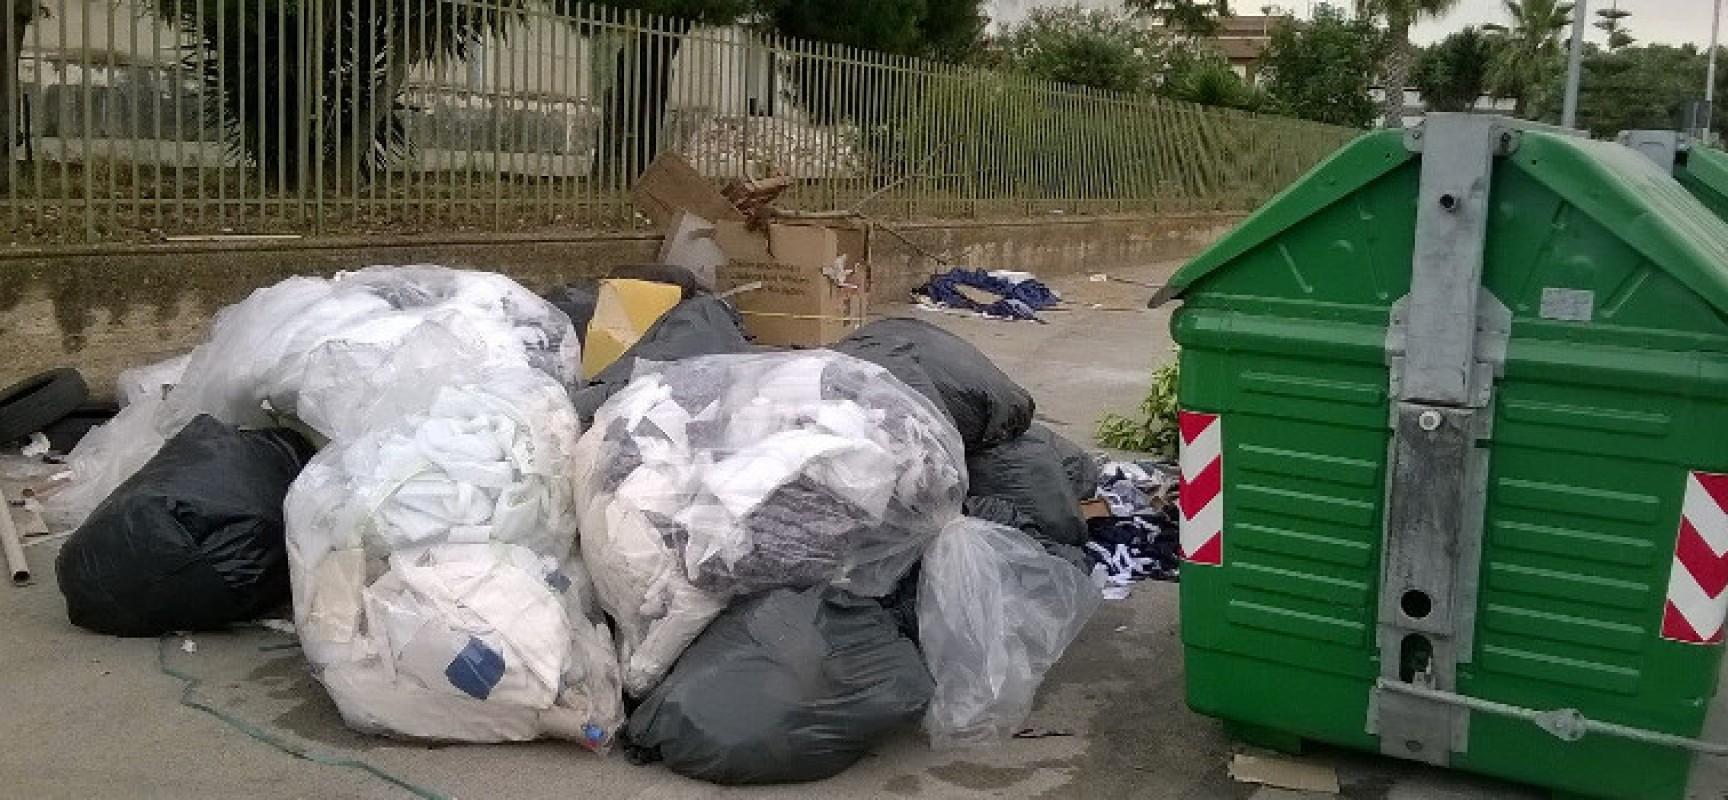 Zona artigianale ovest ancora sommersa dai rifiuti, la denuncia di un residente / FOTO